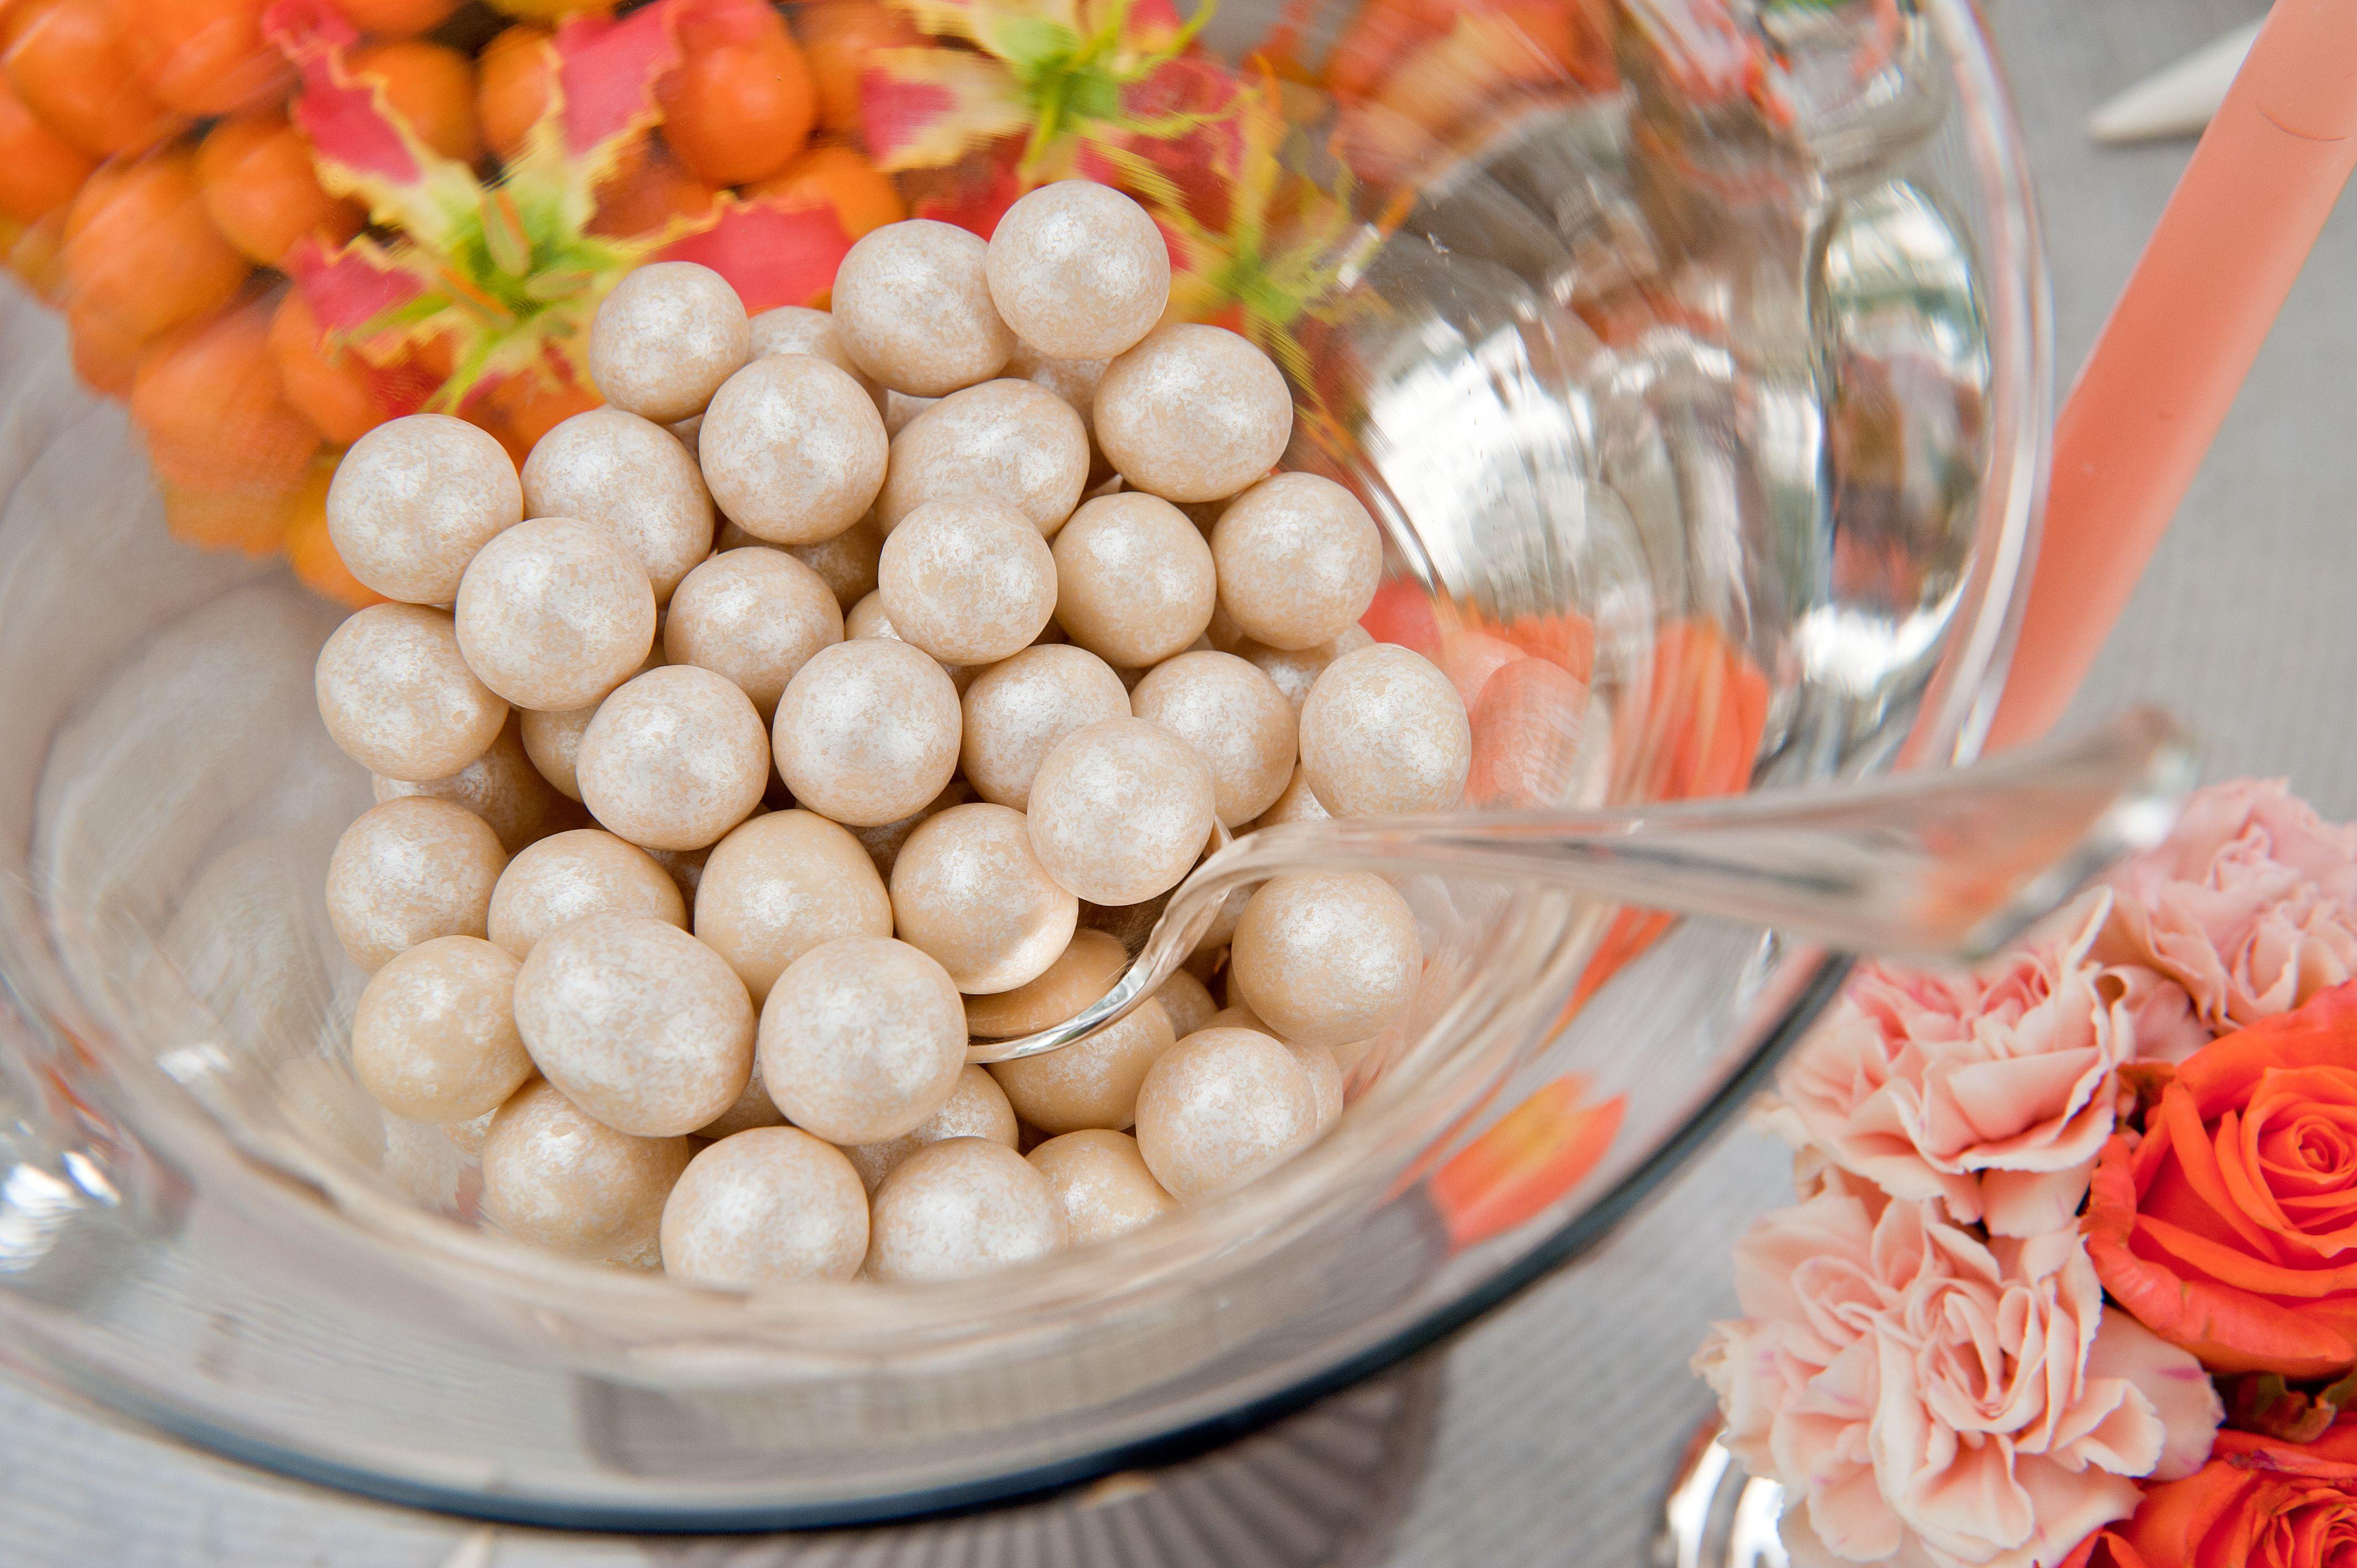 In coppa nocciole perlate avorio e cioccolato bianco... Disponibili in 10 gradazioni. By Casa della Sposa Verona